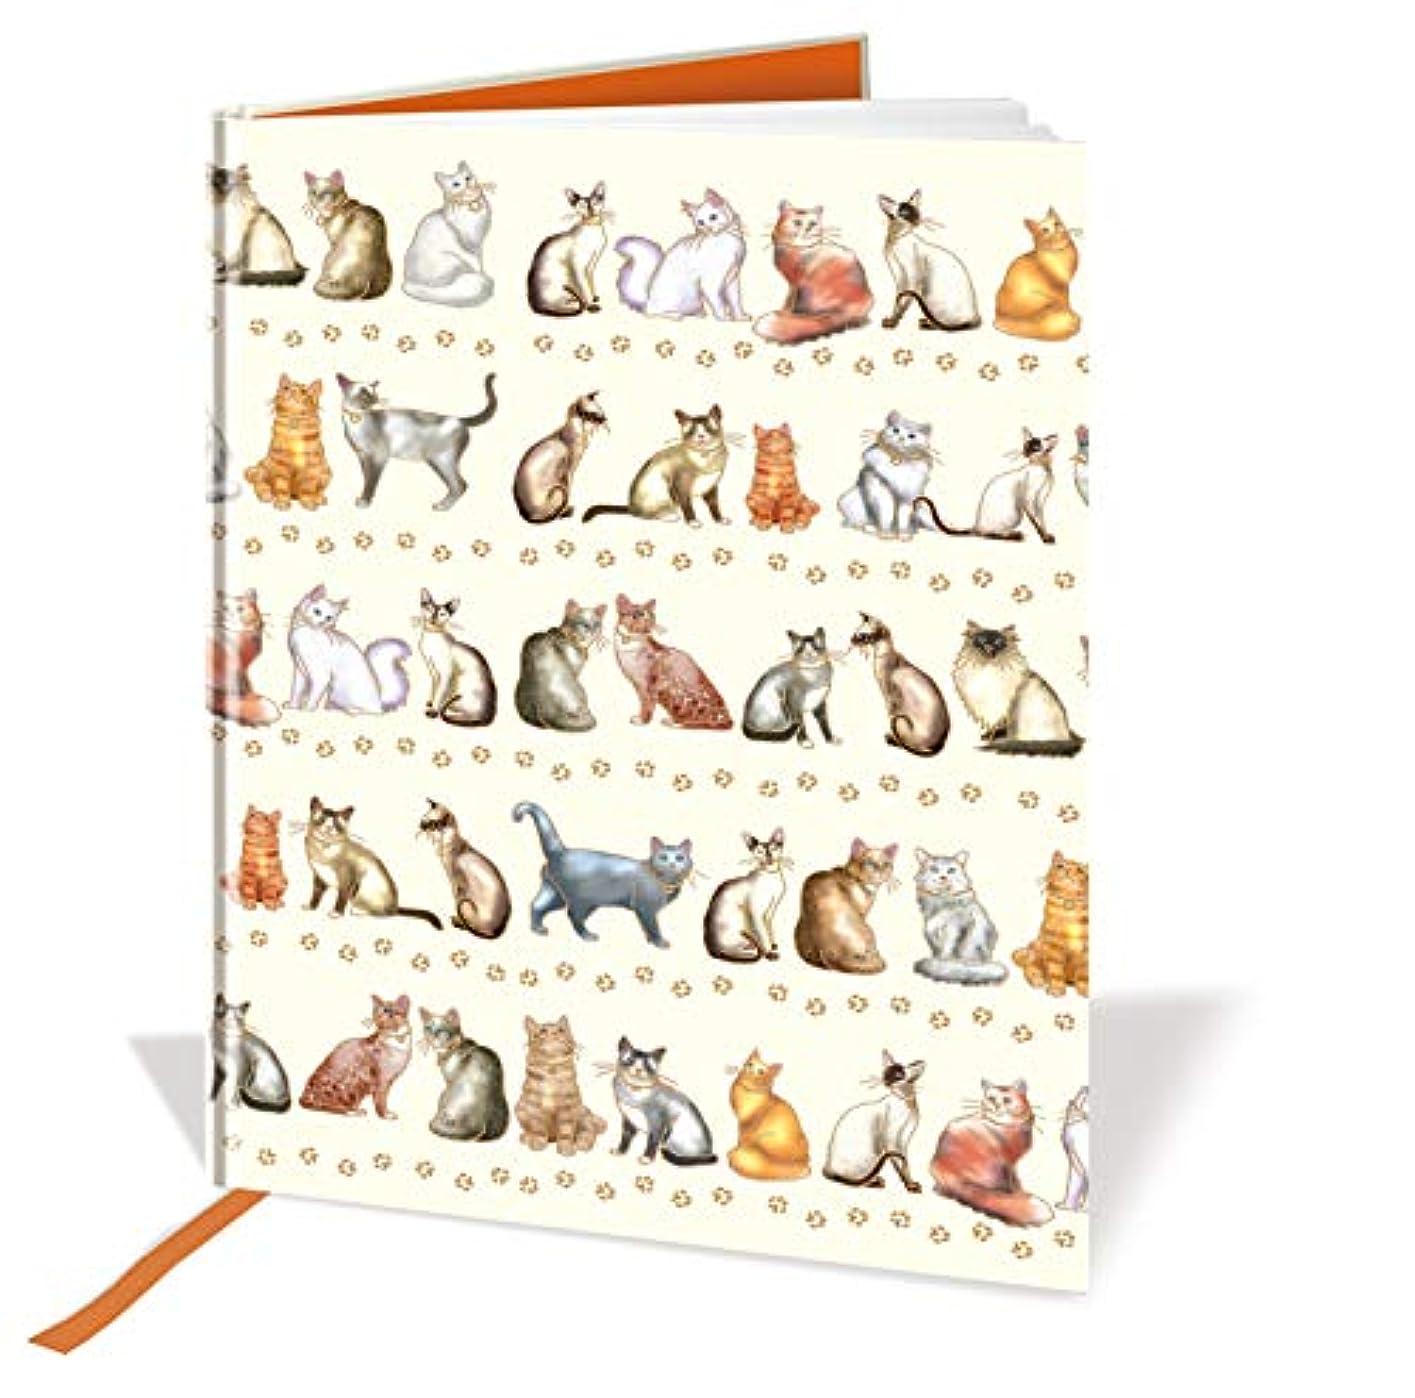 a5?Caseboundノートブック?–?猫デザイン?–?120ページ?–?ルールド?–?サイズ8.3?X 5.8